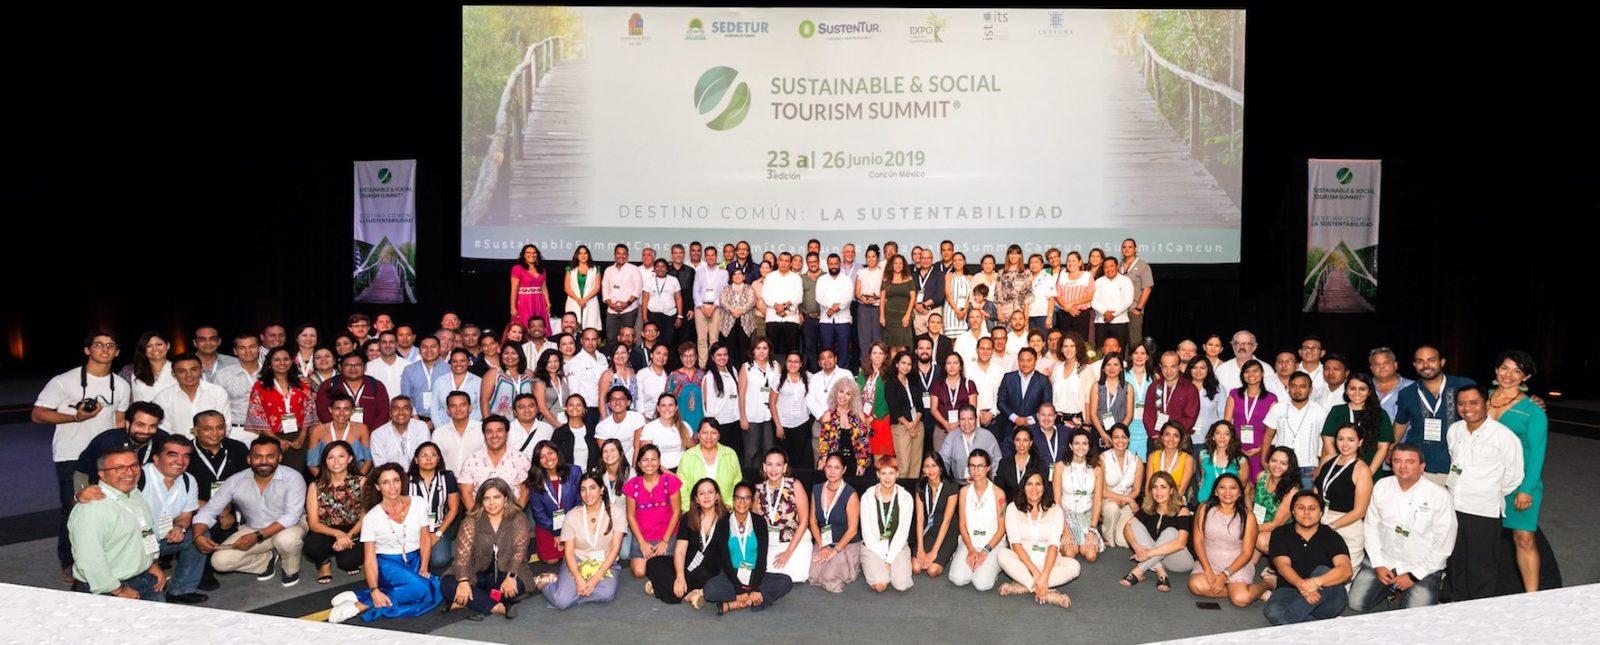 Sommet de Cancun: ISTO fait le point sur l'emploi et le tourisme